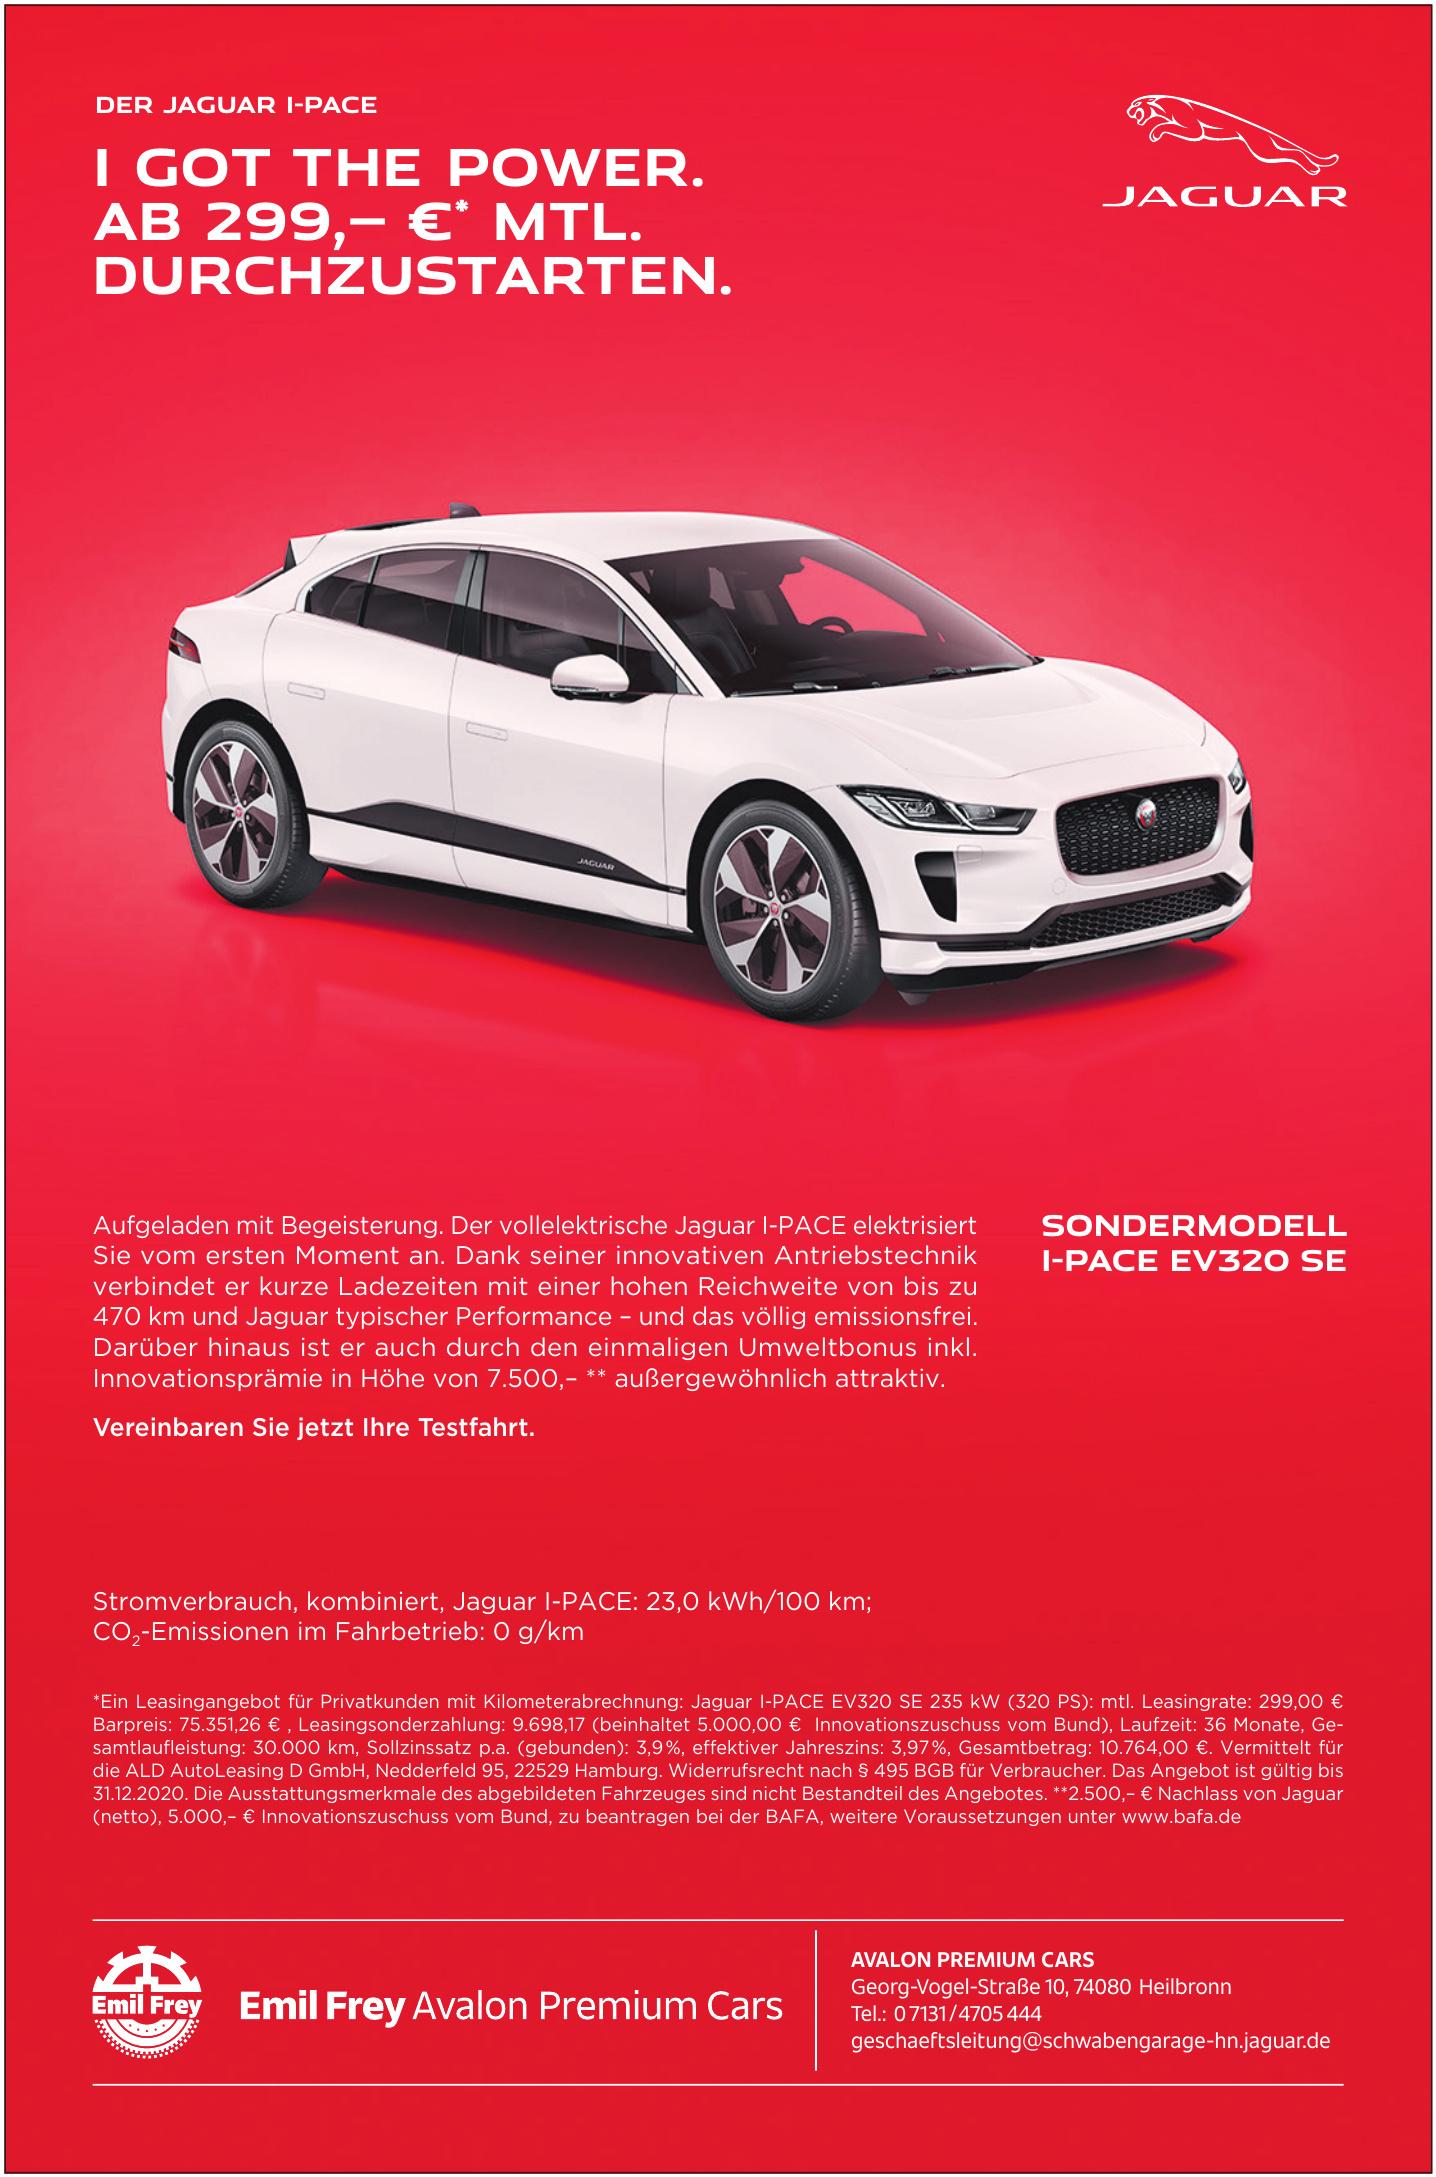 Emil Frey Avalon Premium Cars